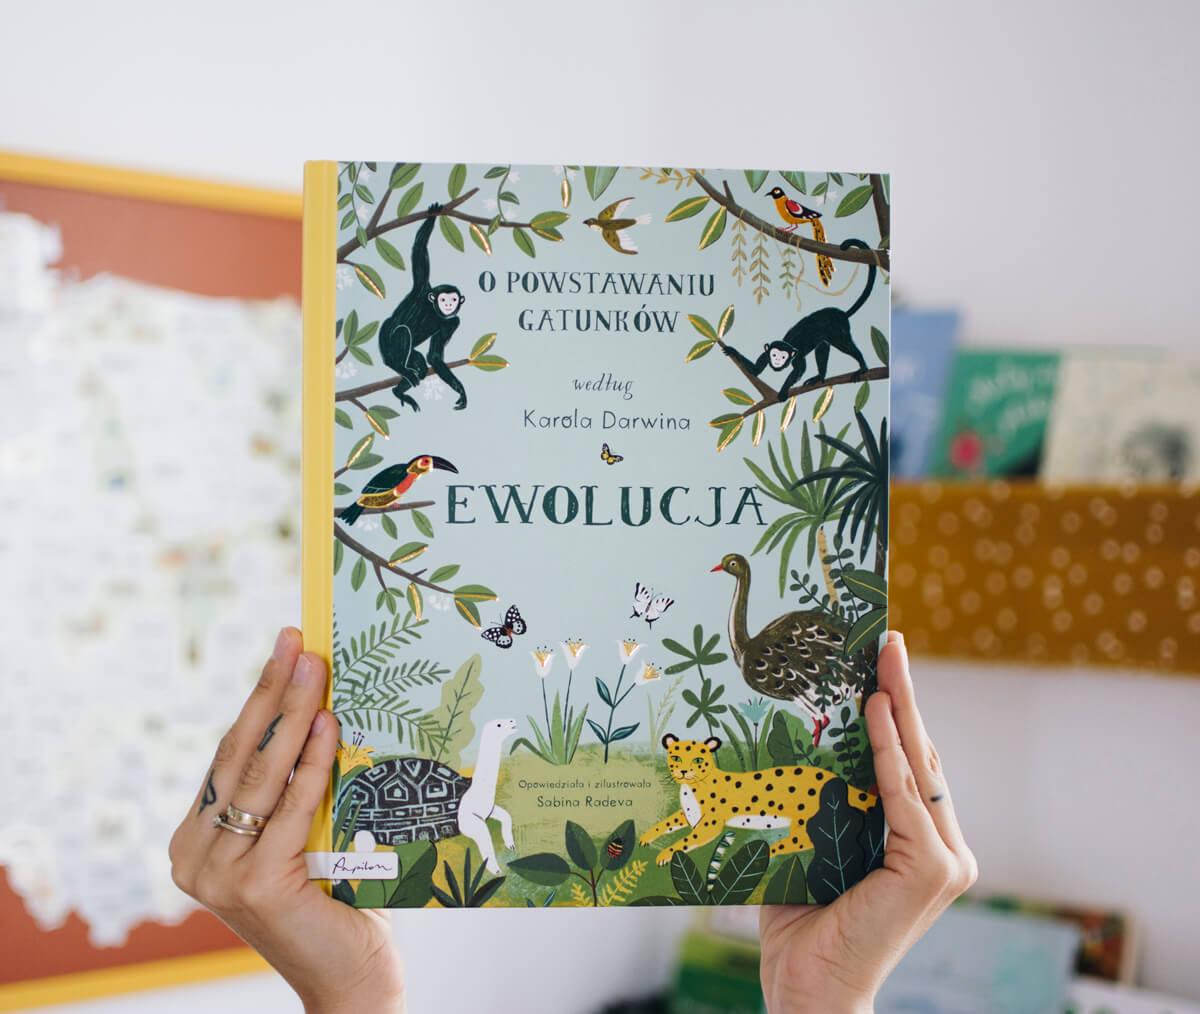 Dłonie trzymające książkę dziecięcą Ewolucja